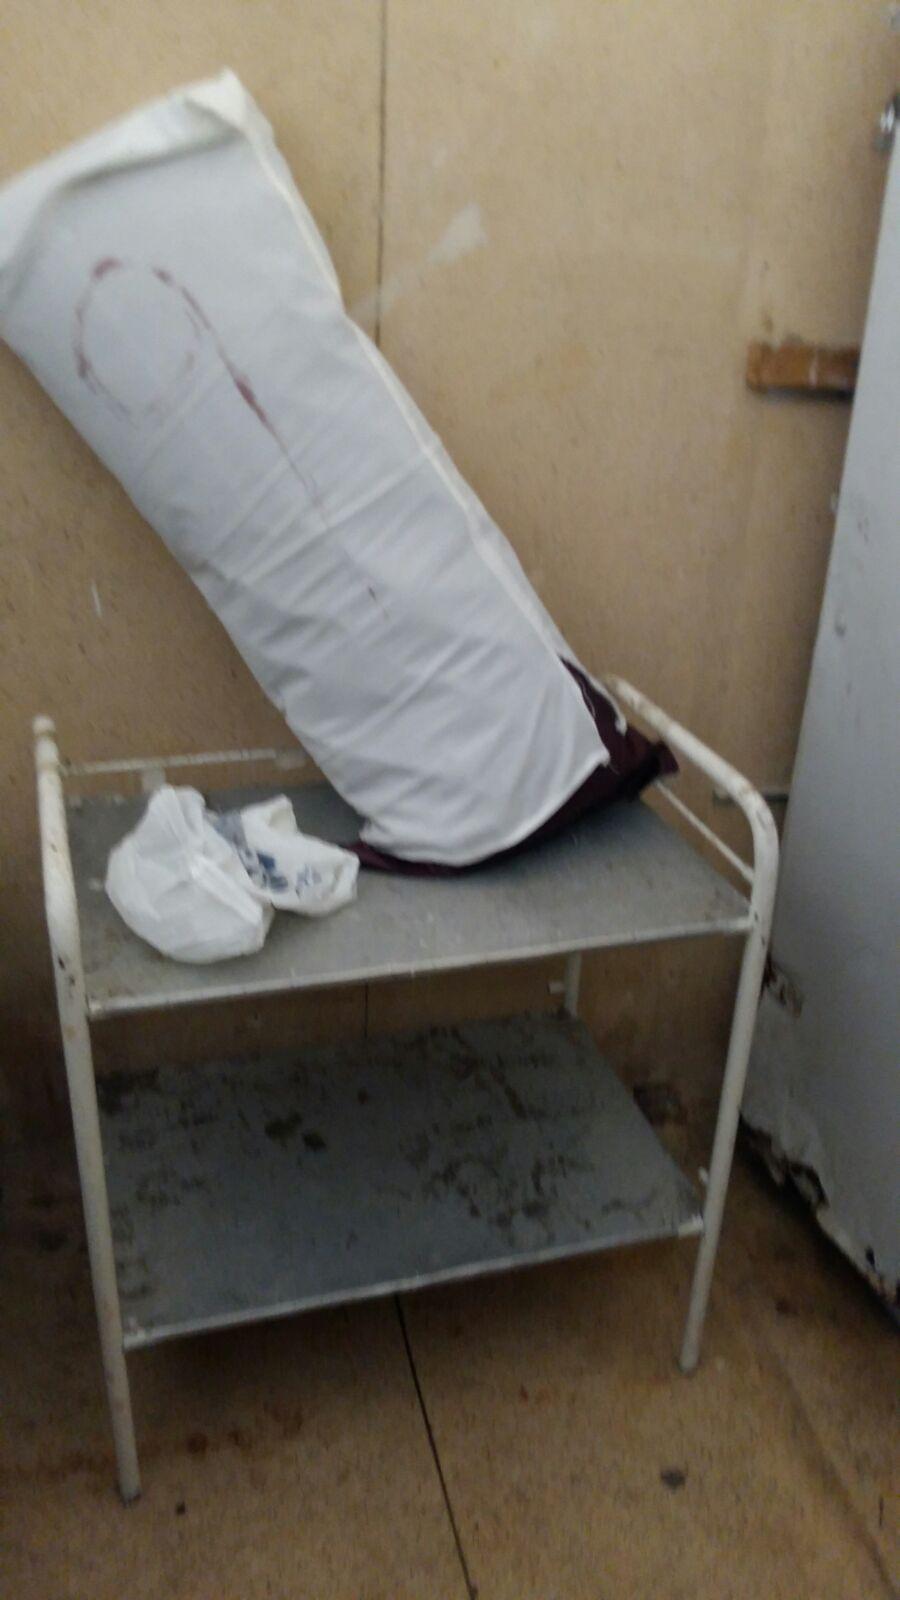 إهمال مستشفى الشاطبي بالإسكندرية.. دماء وقذارة وثوب المرضى يغسل بـ«جردل»